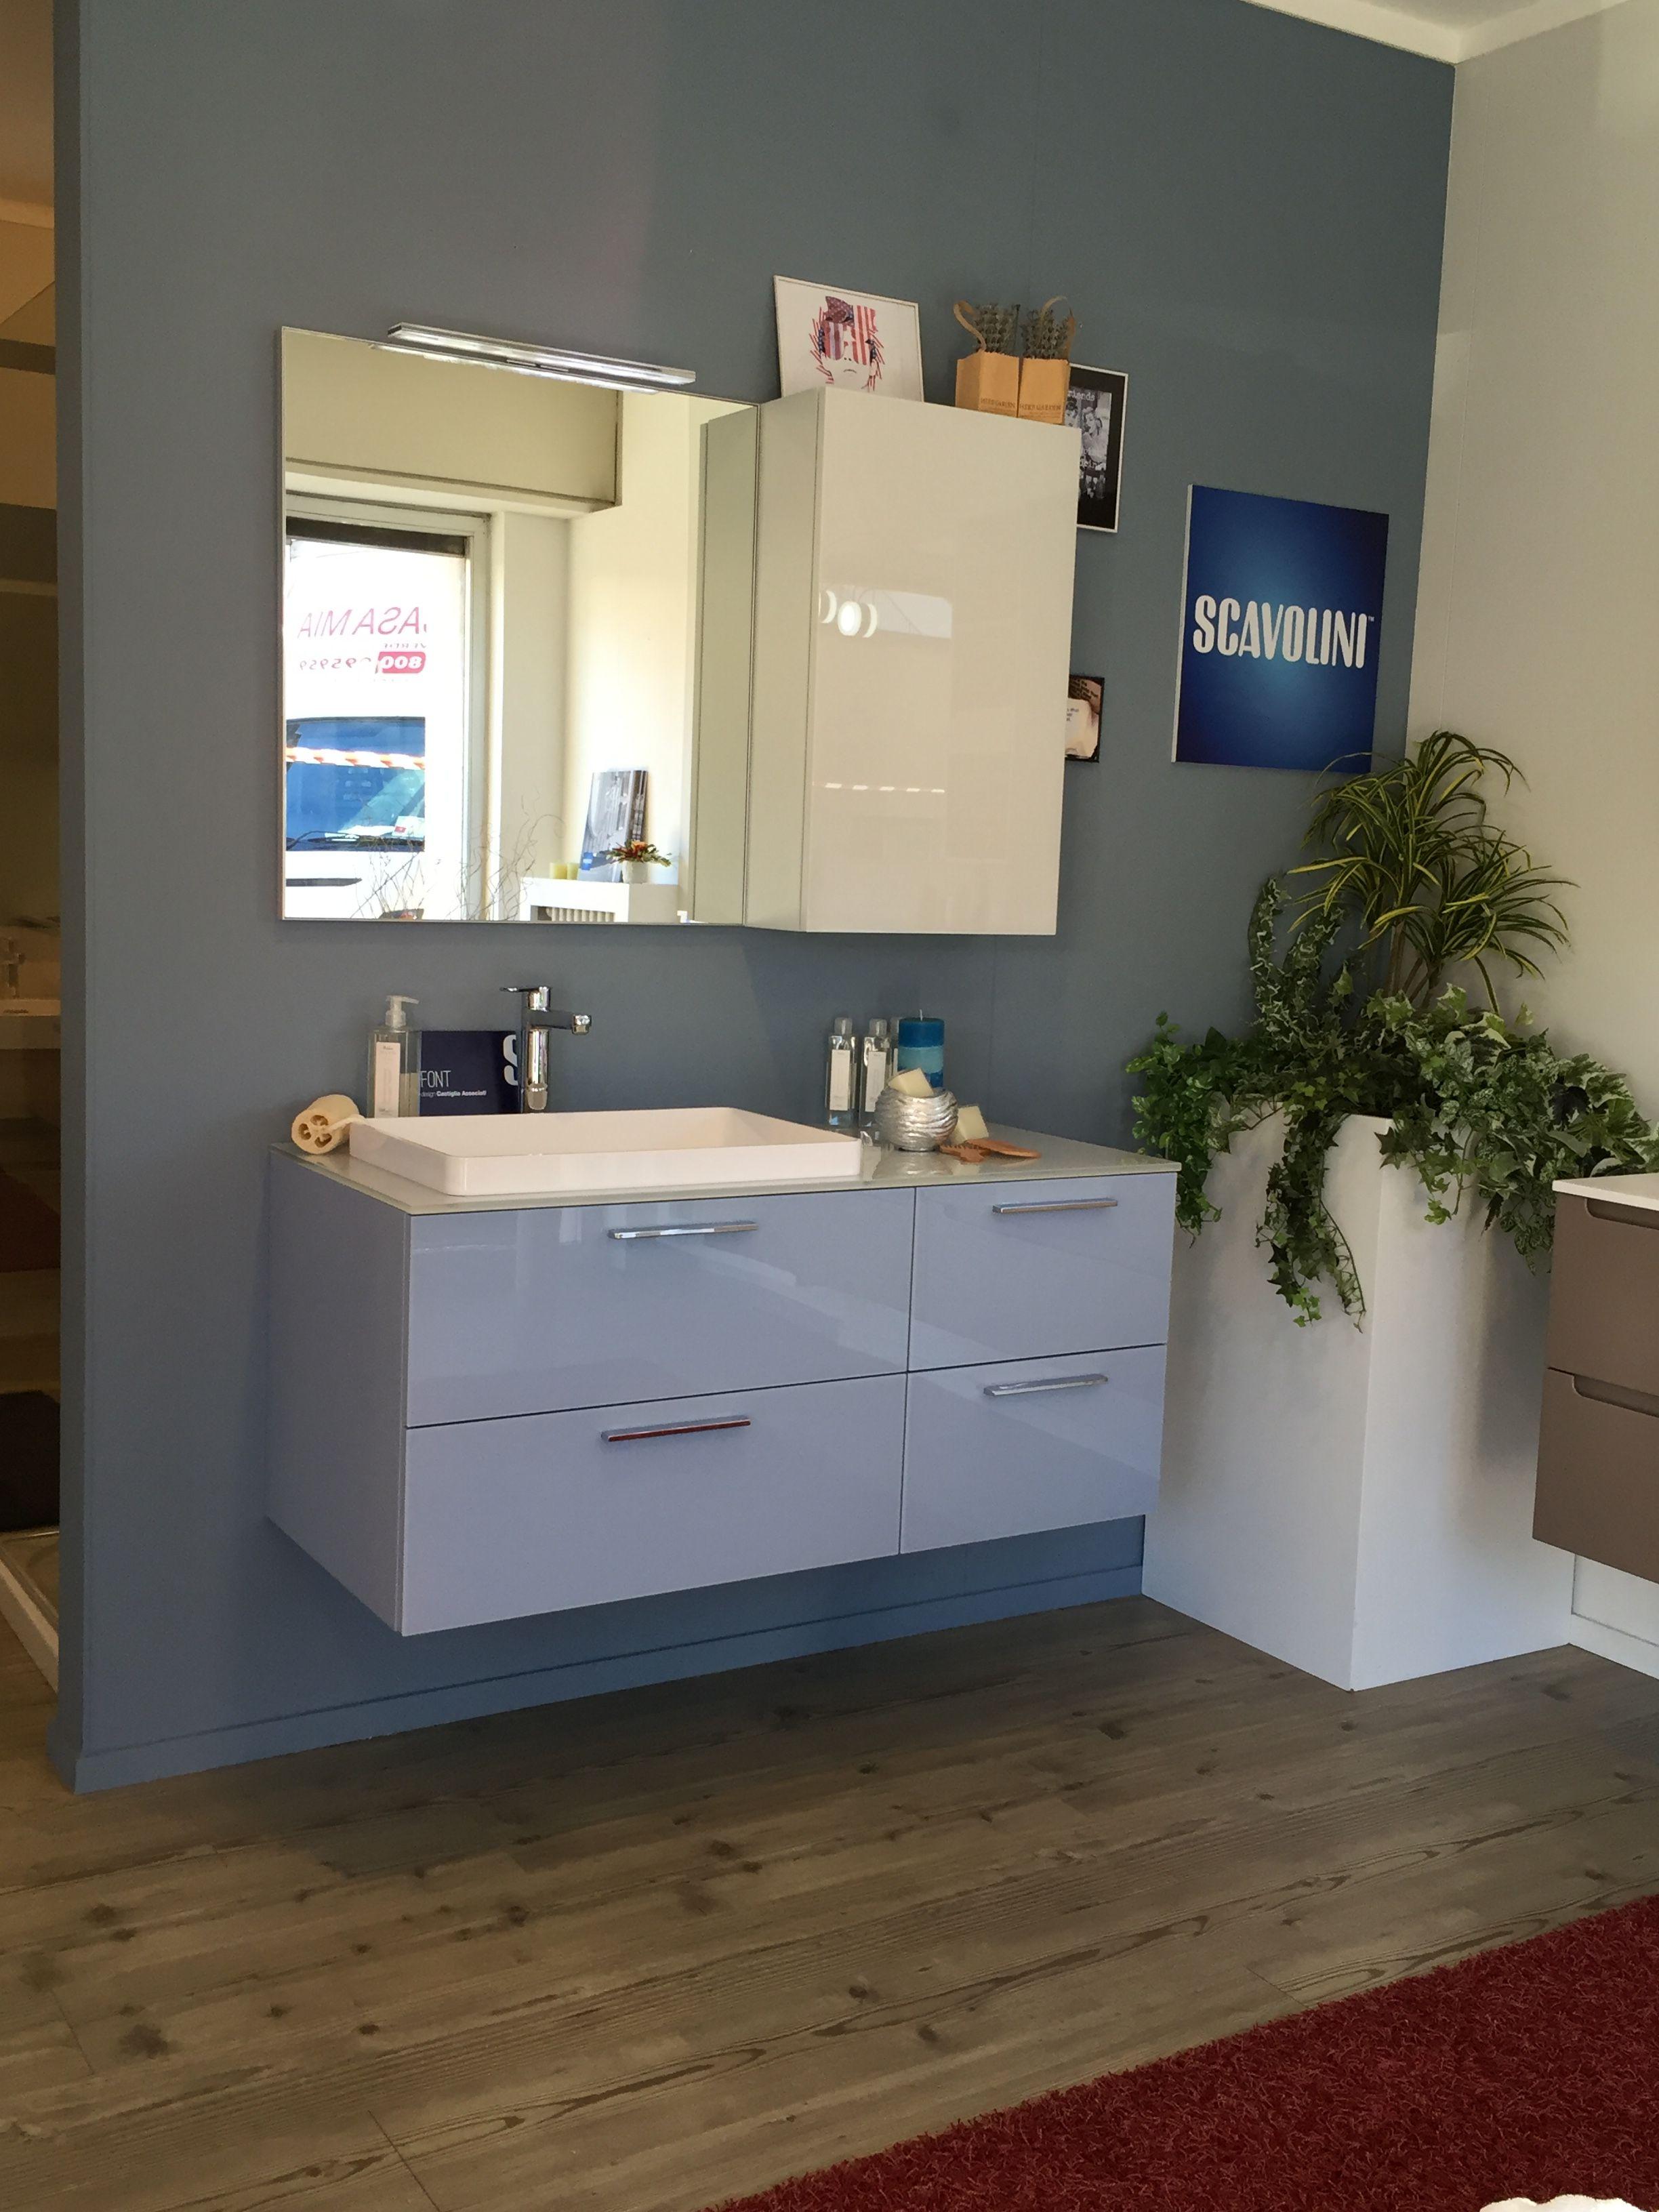 Bagno #Scavolini modello #Font : anta vetro lucido colore Azzurro ...